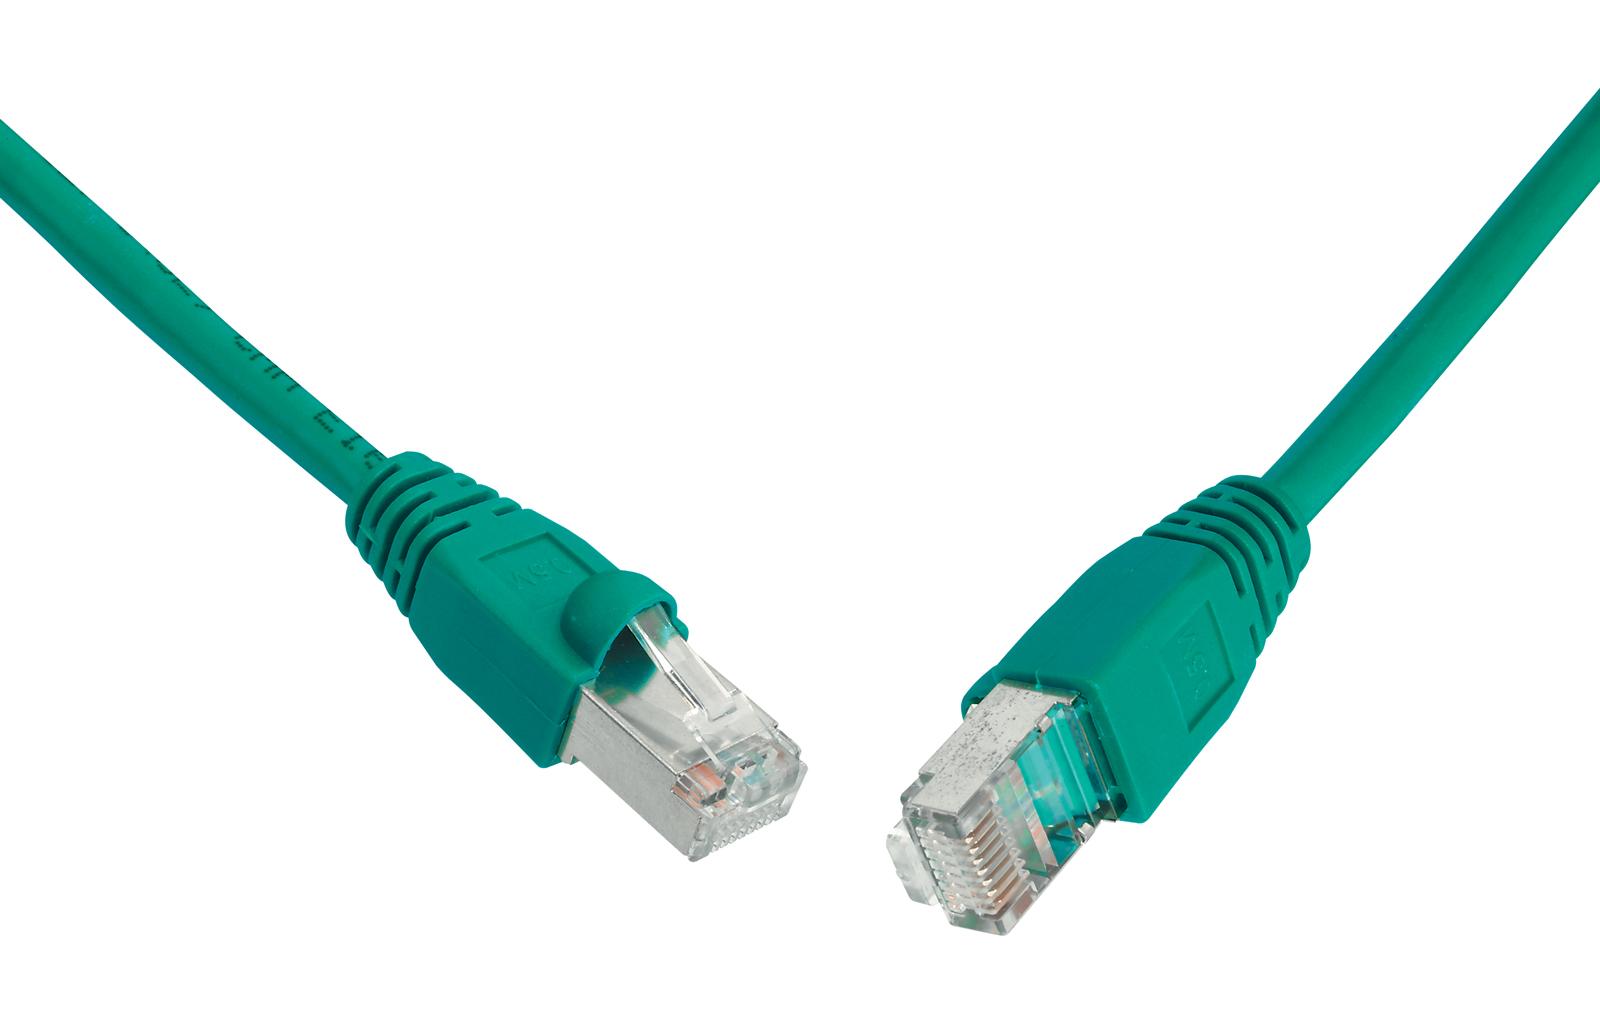 SOLARIX patch kabel CAT6 UTP PVC 5m zelený snag-proof - C6-114GR-5MB